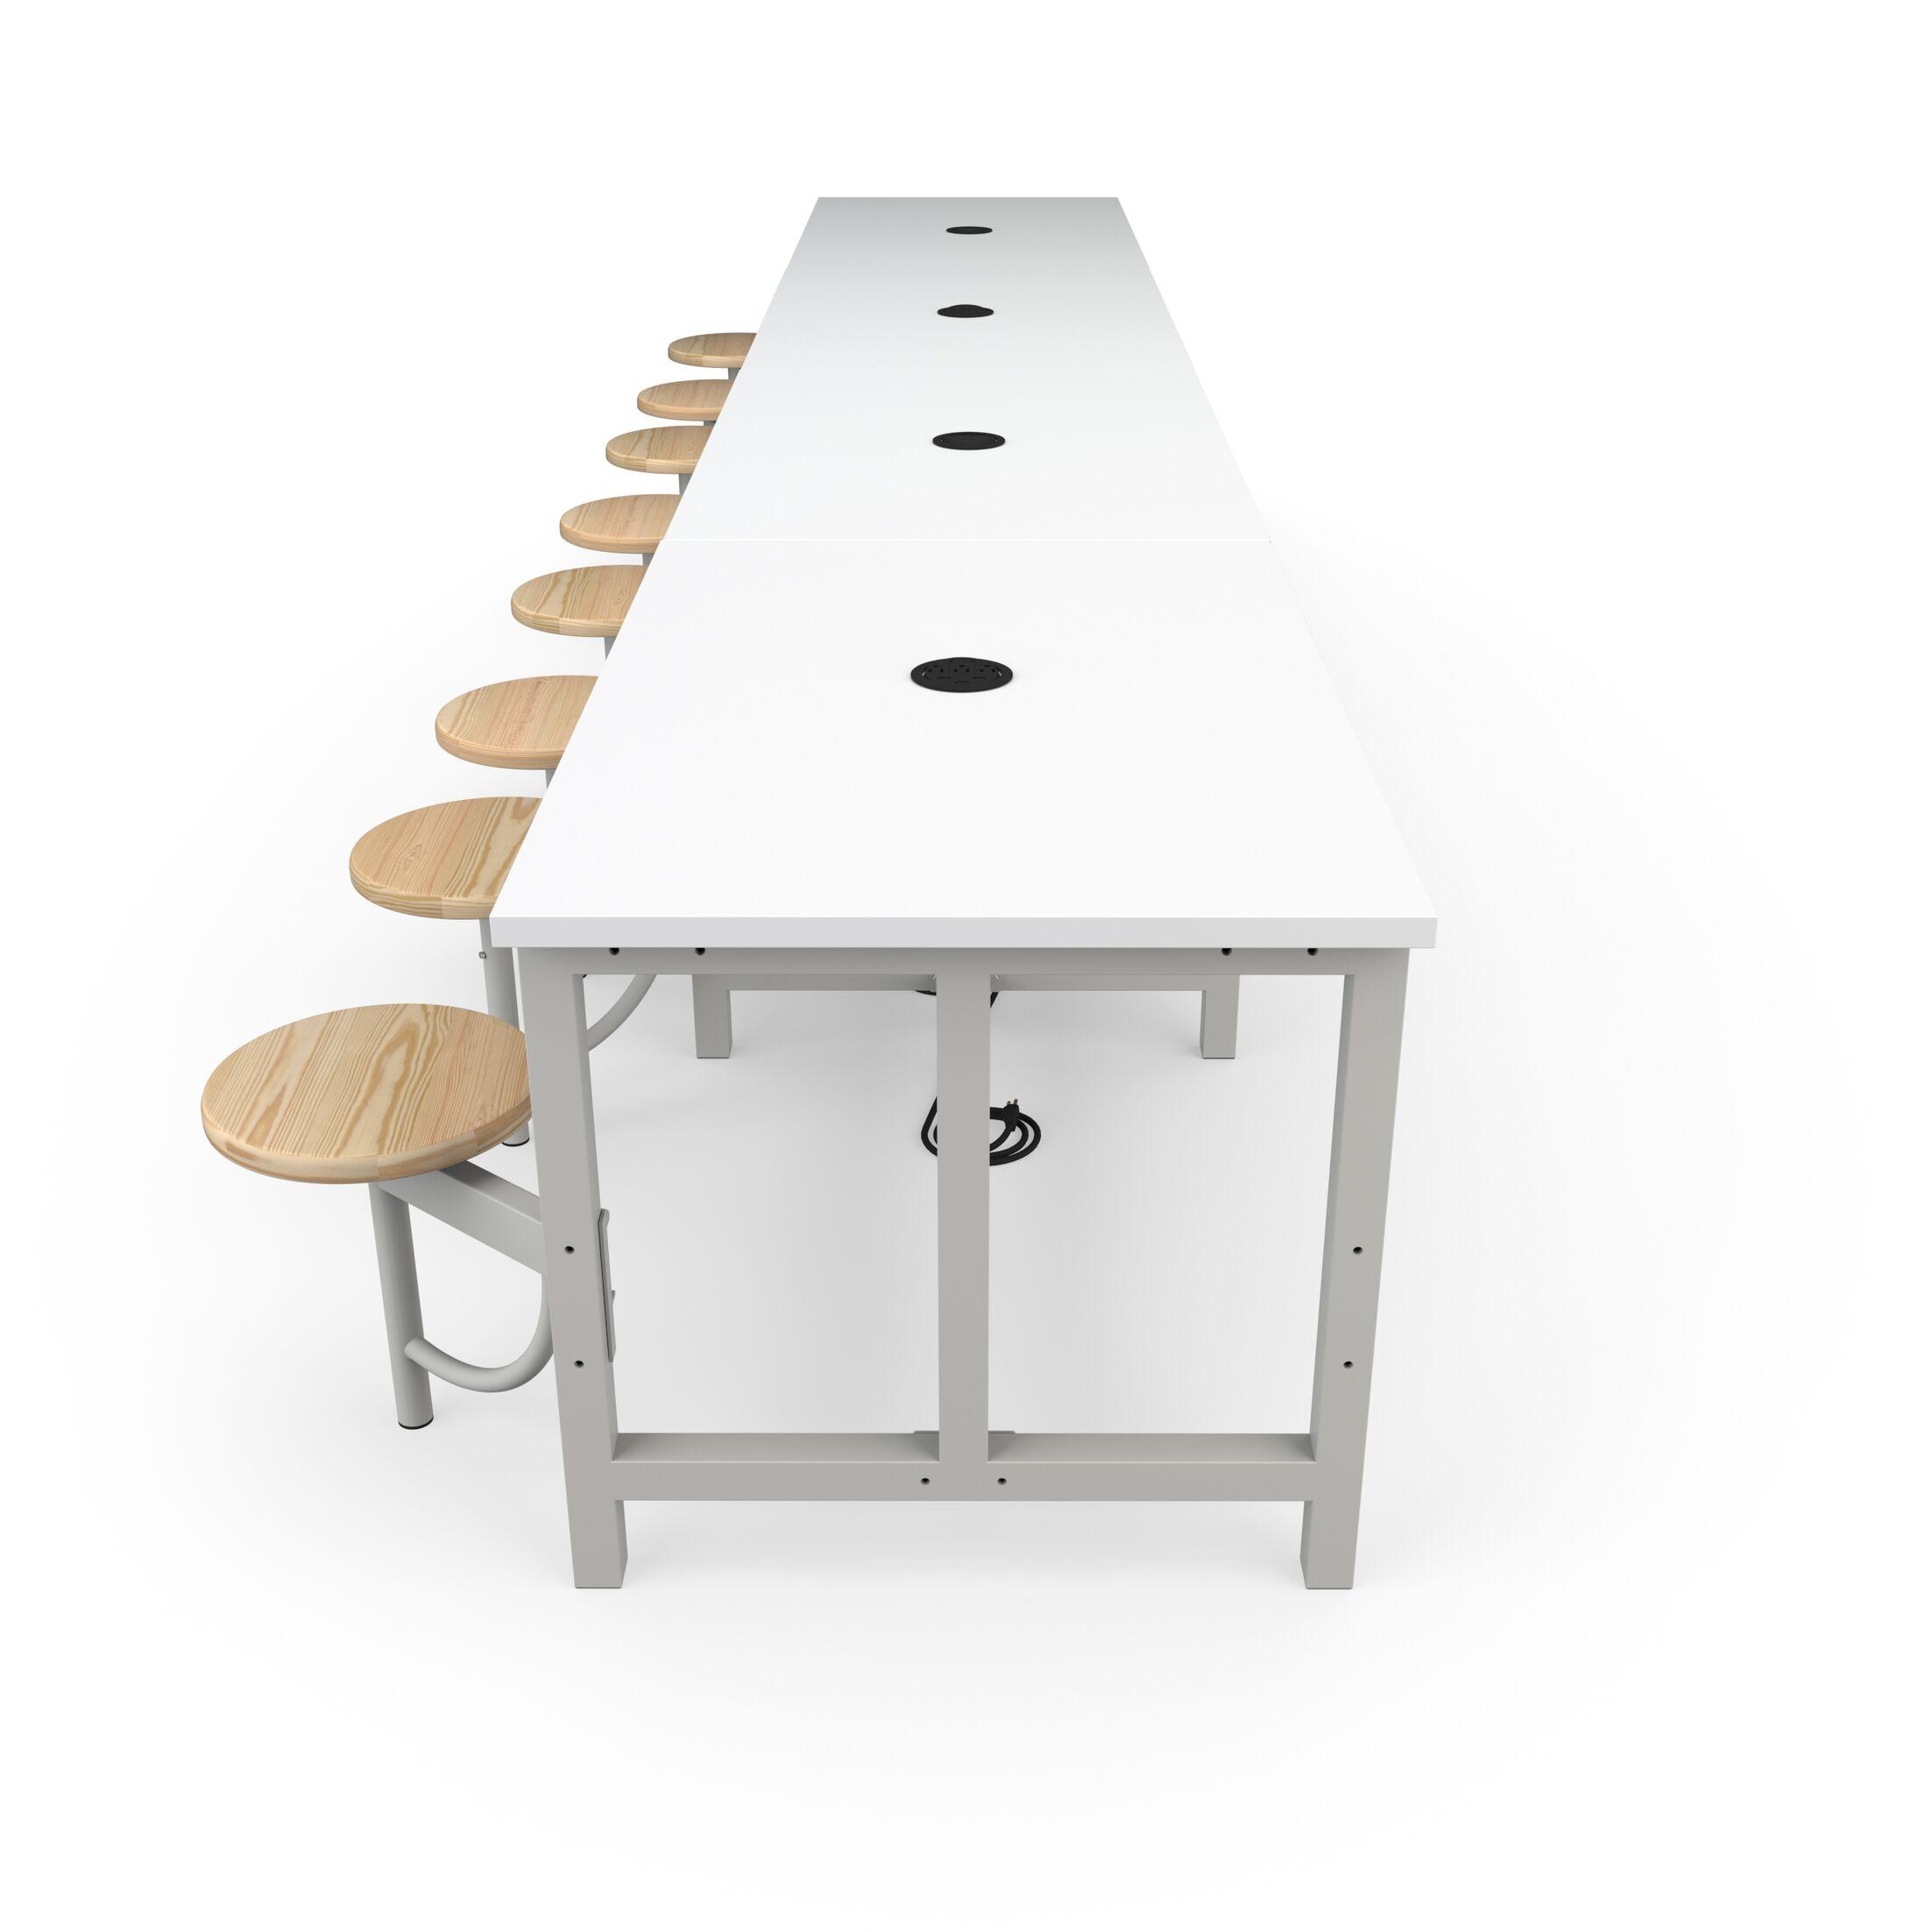 Malaki Rectangular Conference Table Top Finish: White, Base Finish: Maple, Size: 29.5